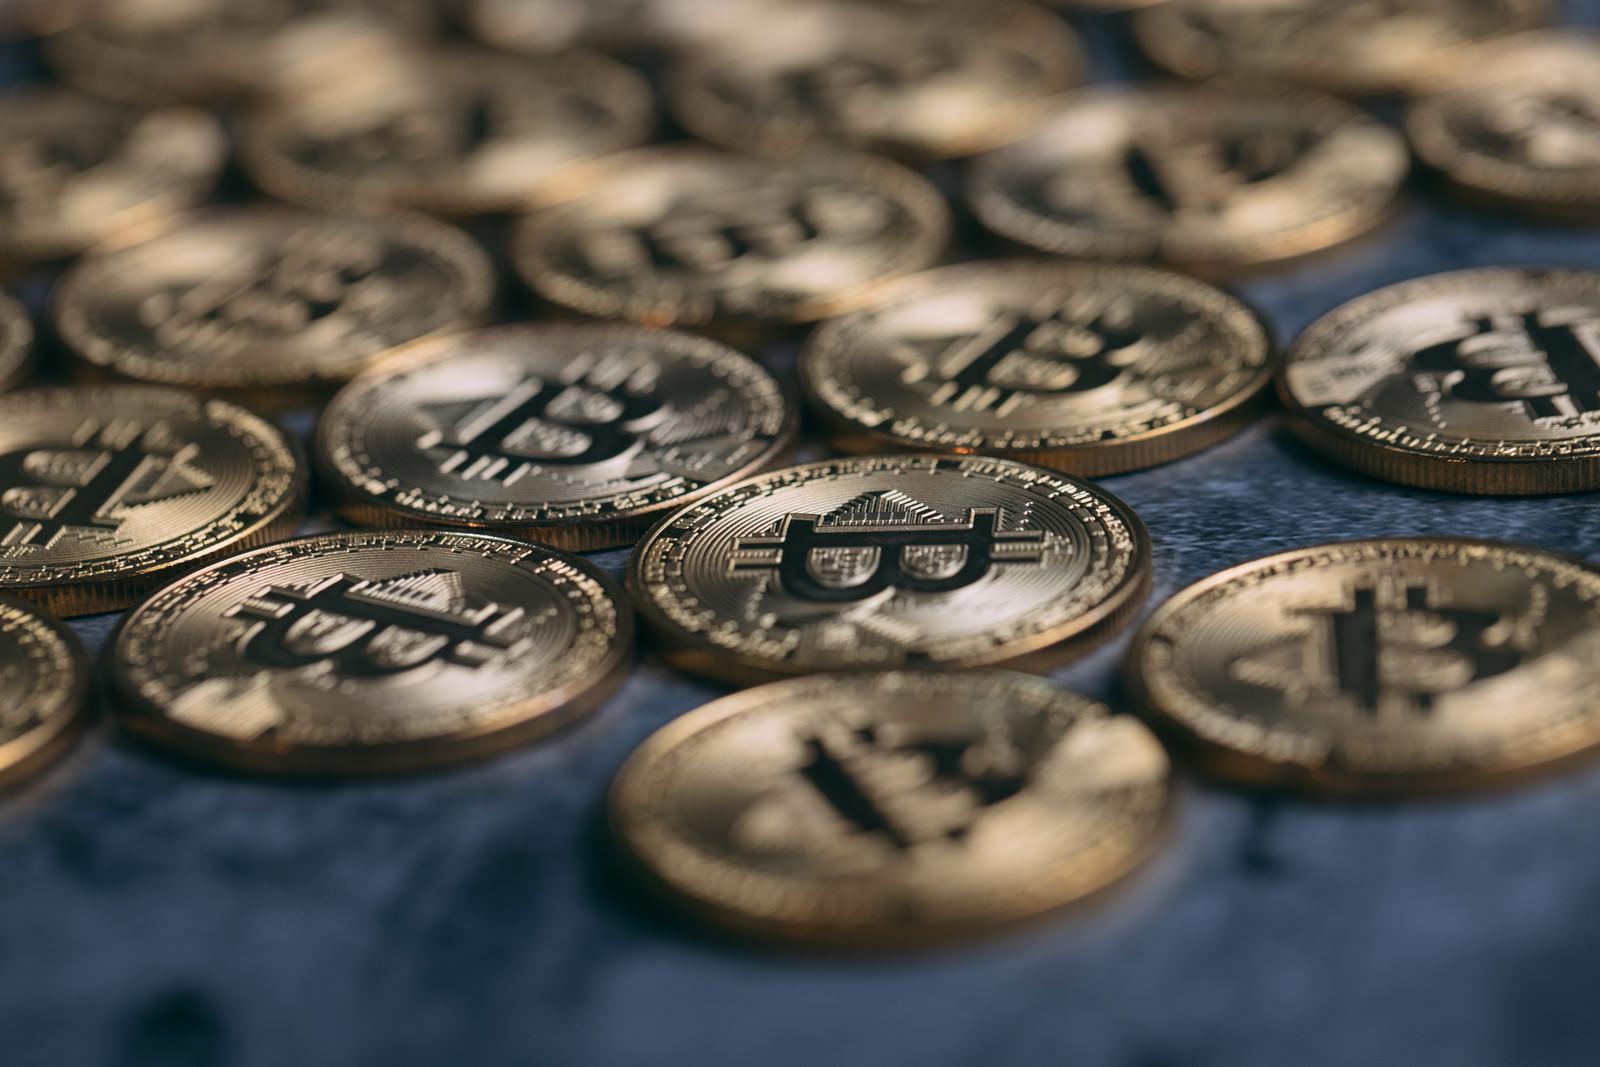 「卓上に散らばる金貨(ビットコイン)」の写真